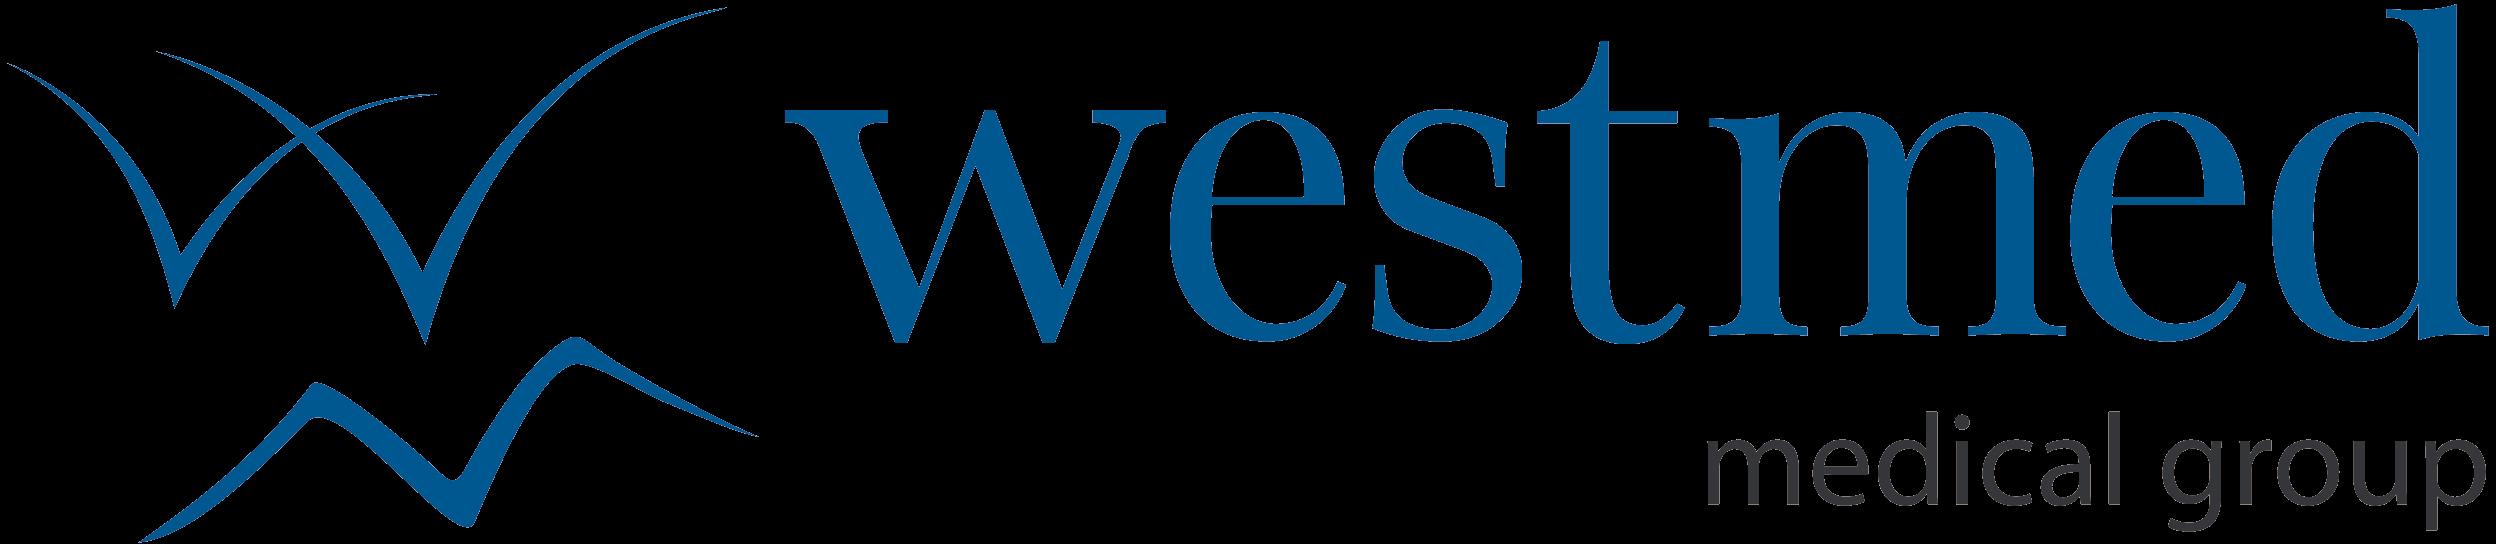 Westmed Medical Group Sponsor Logo